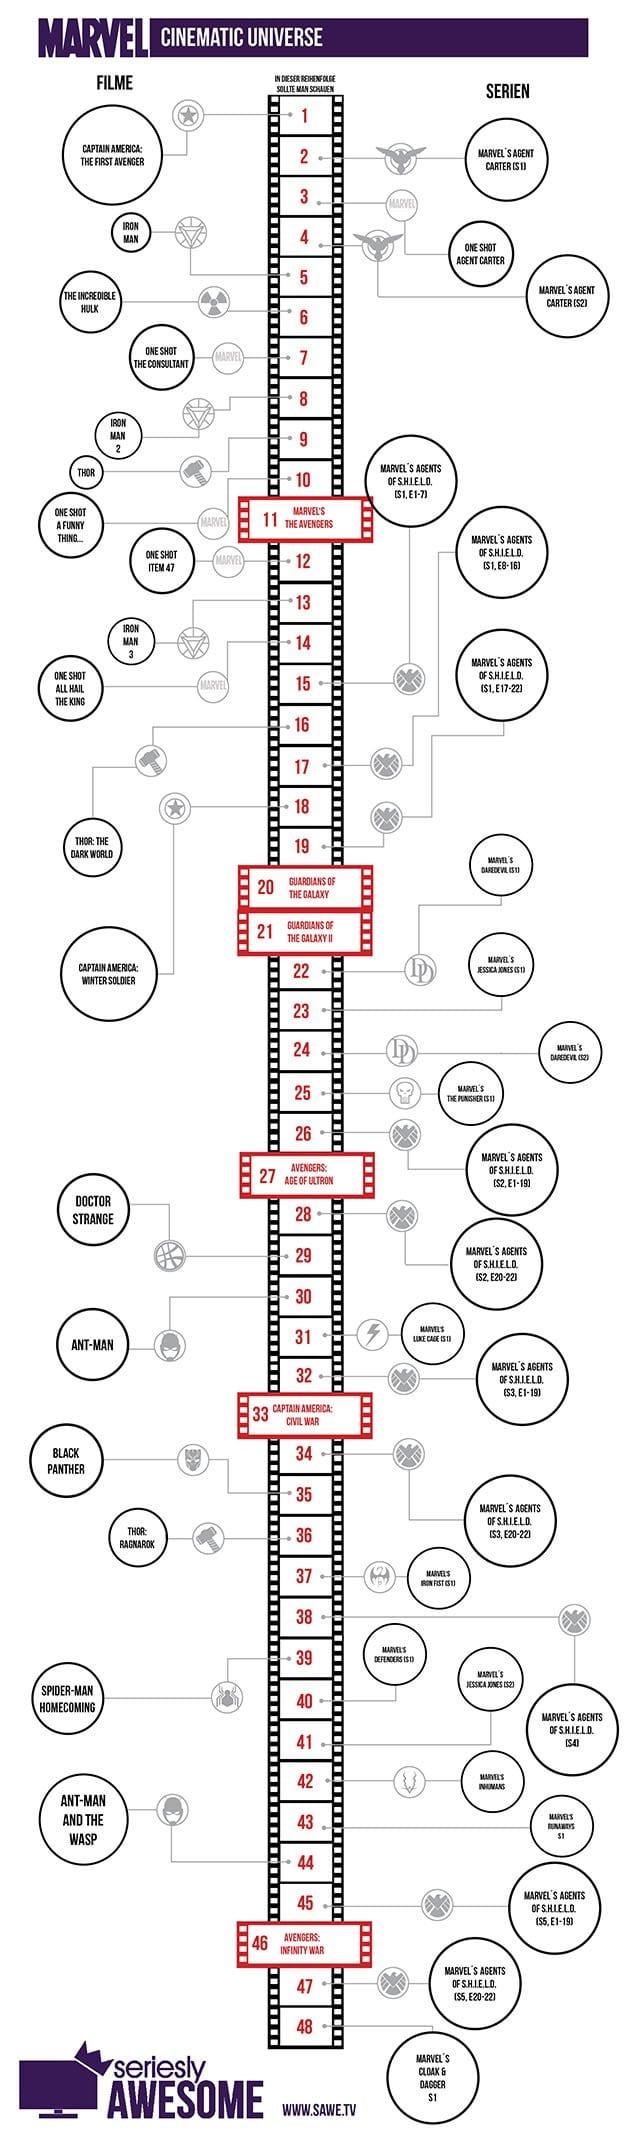 marvel_cinematic_universe_2018XIII_sawe_lowres Marvel Timeline: Die Serien und Filme in der richtigen Reihenfolge schauen